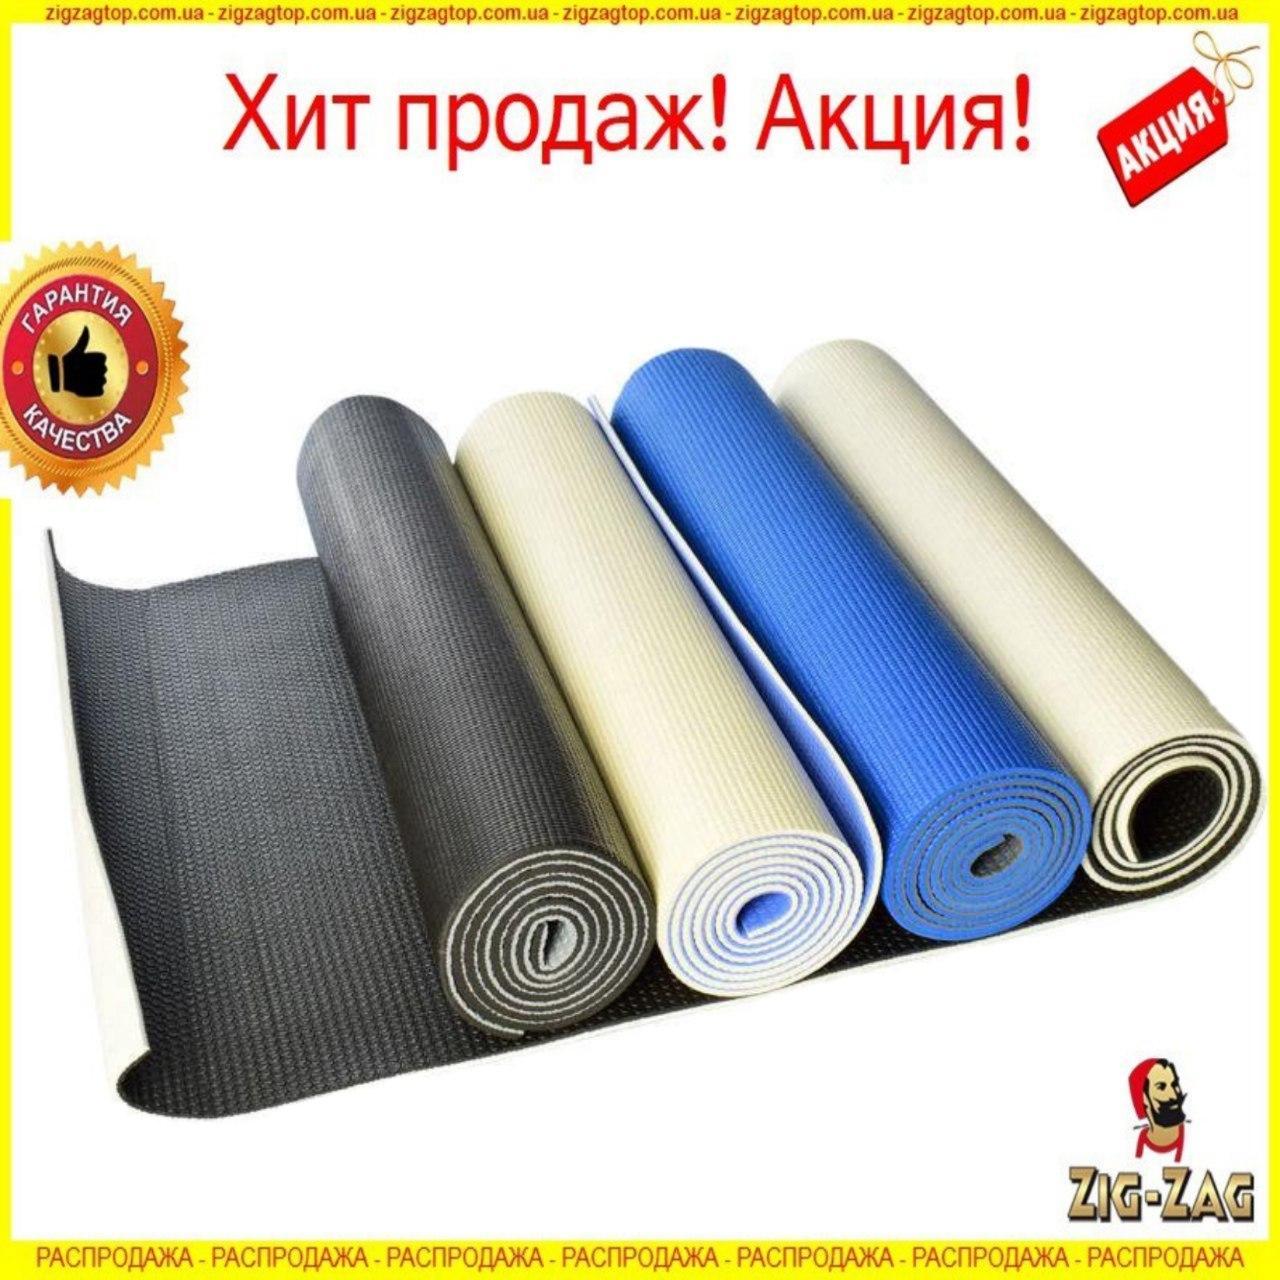 Коврик для Йоги BT-SG-0004 PVC Фитнеса Гимнастики 4мм 173*61см йога мат Нескользящий и мягкий NEW